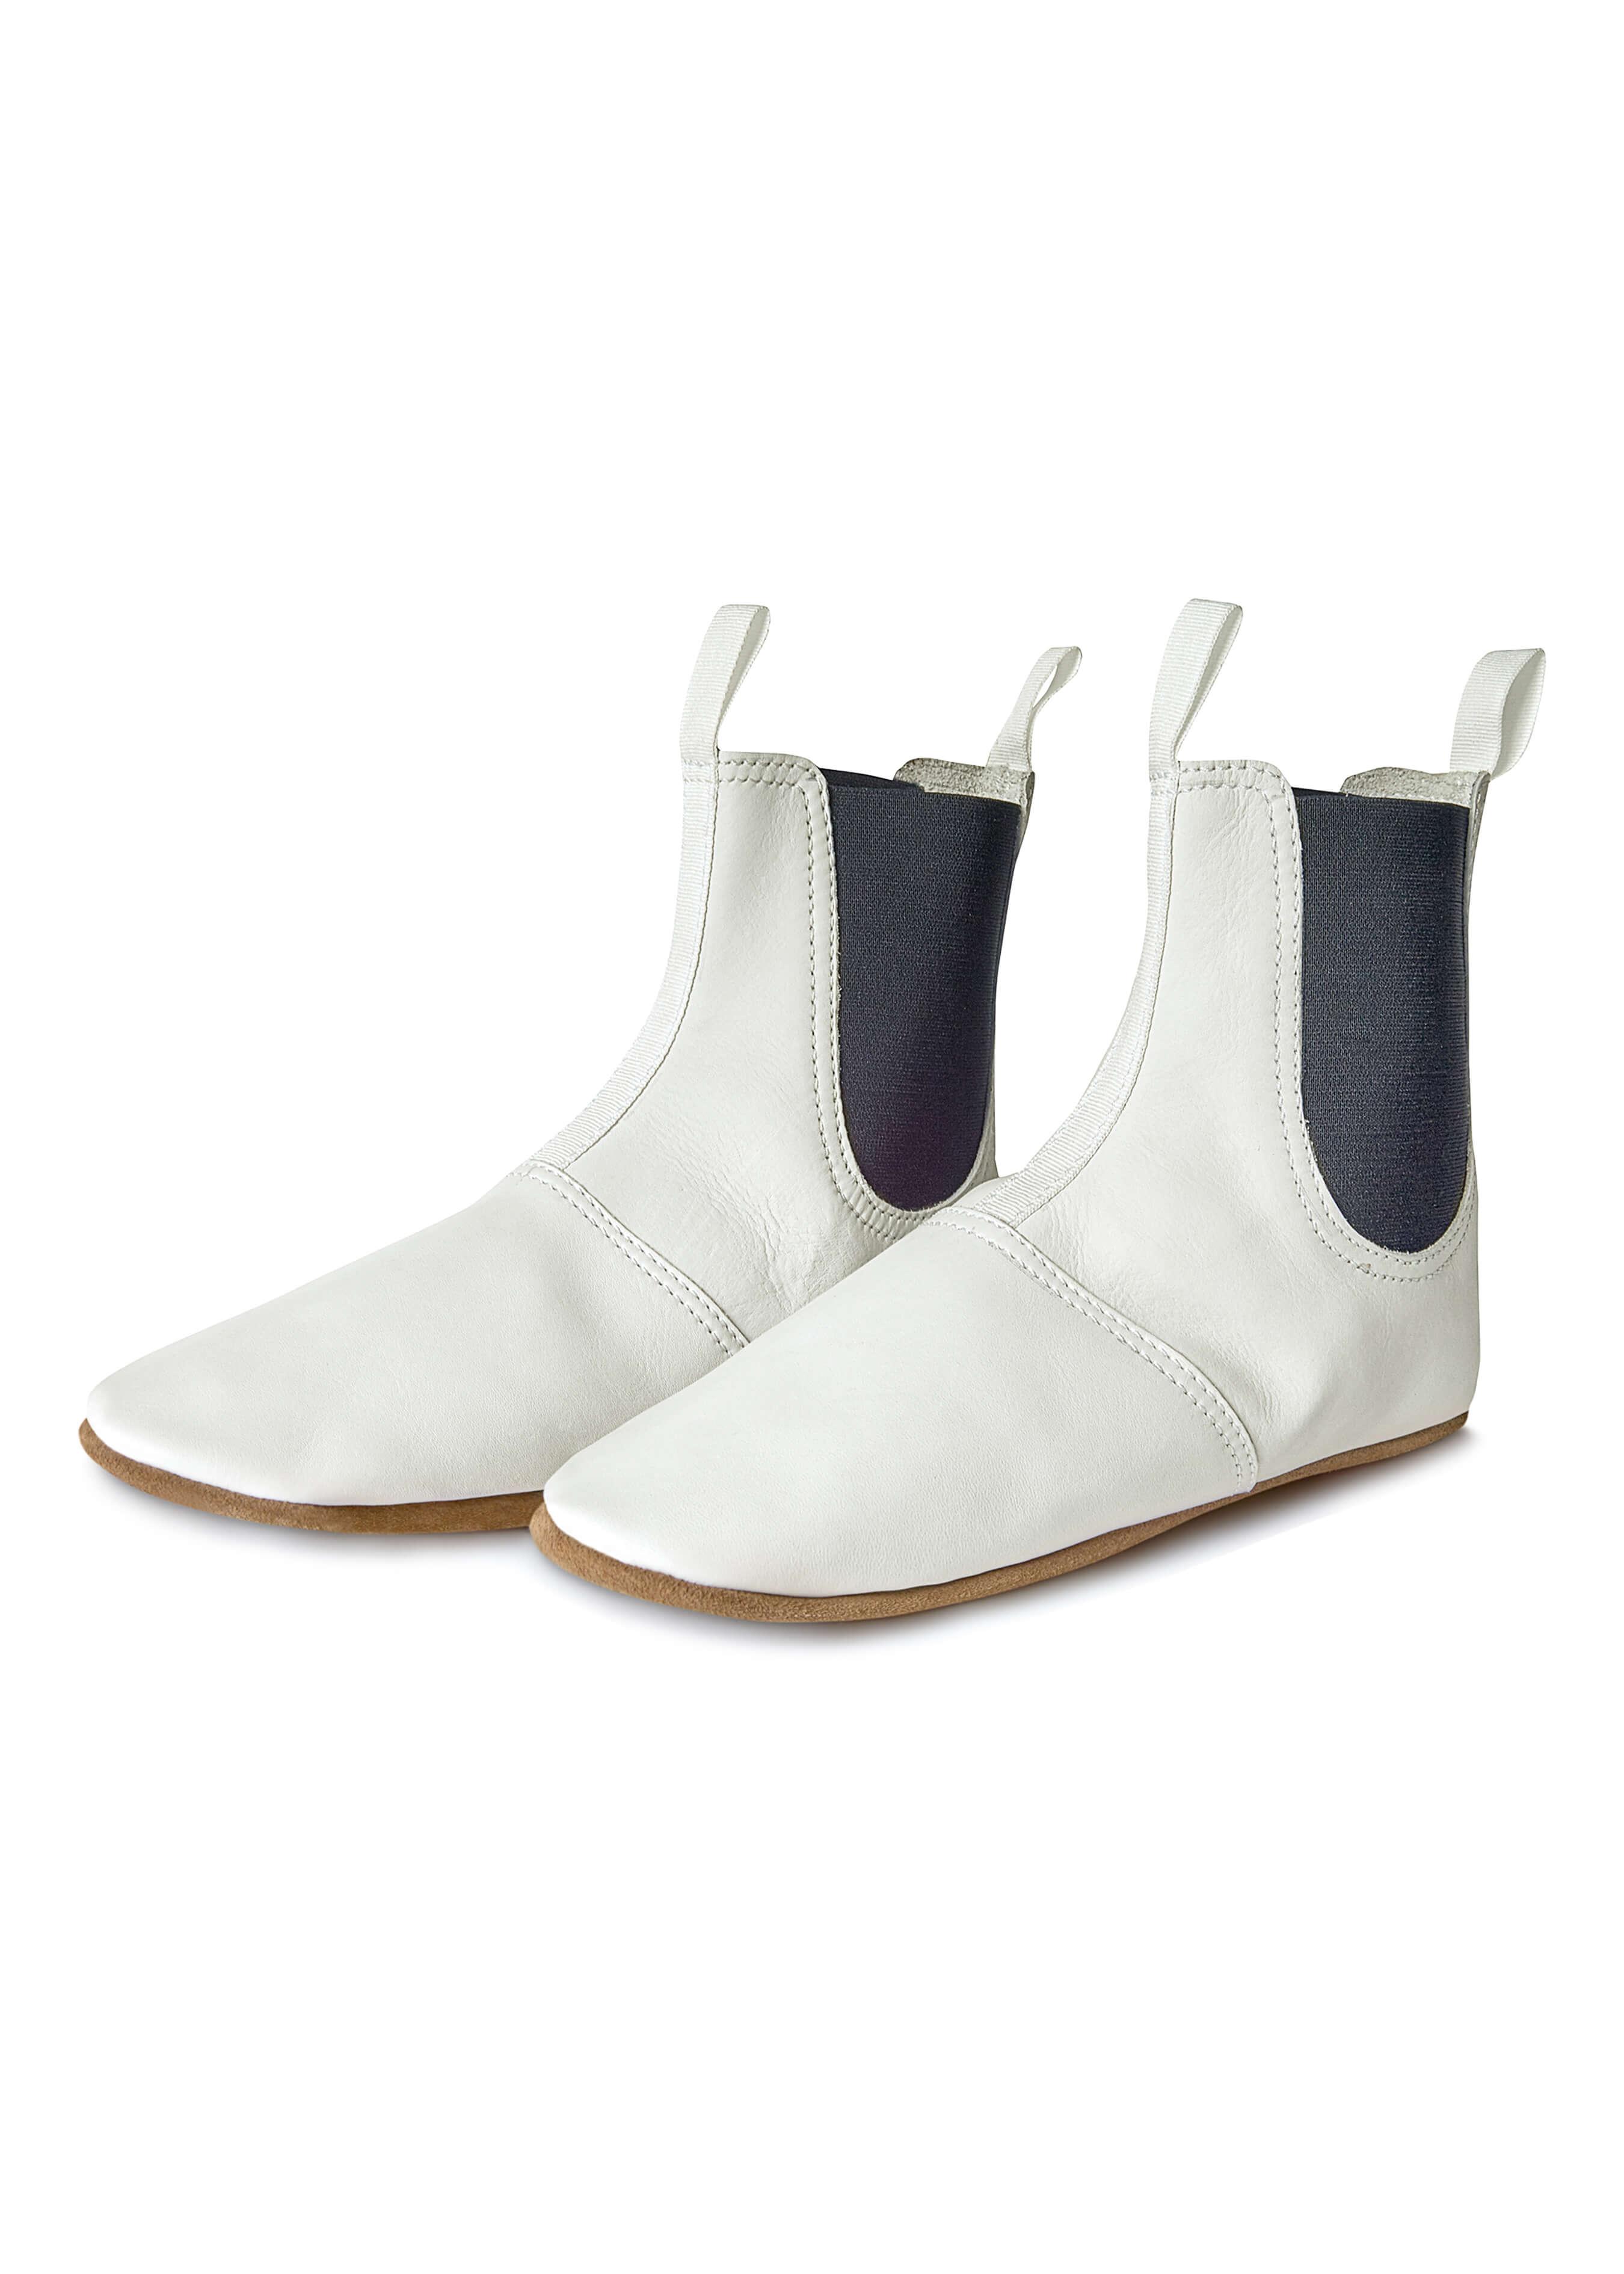 Chaussettes en cuir L510538 1